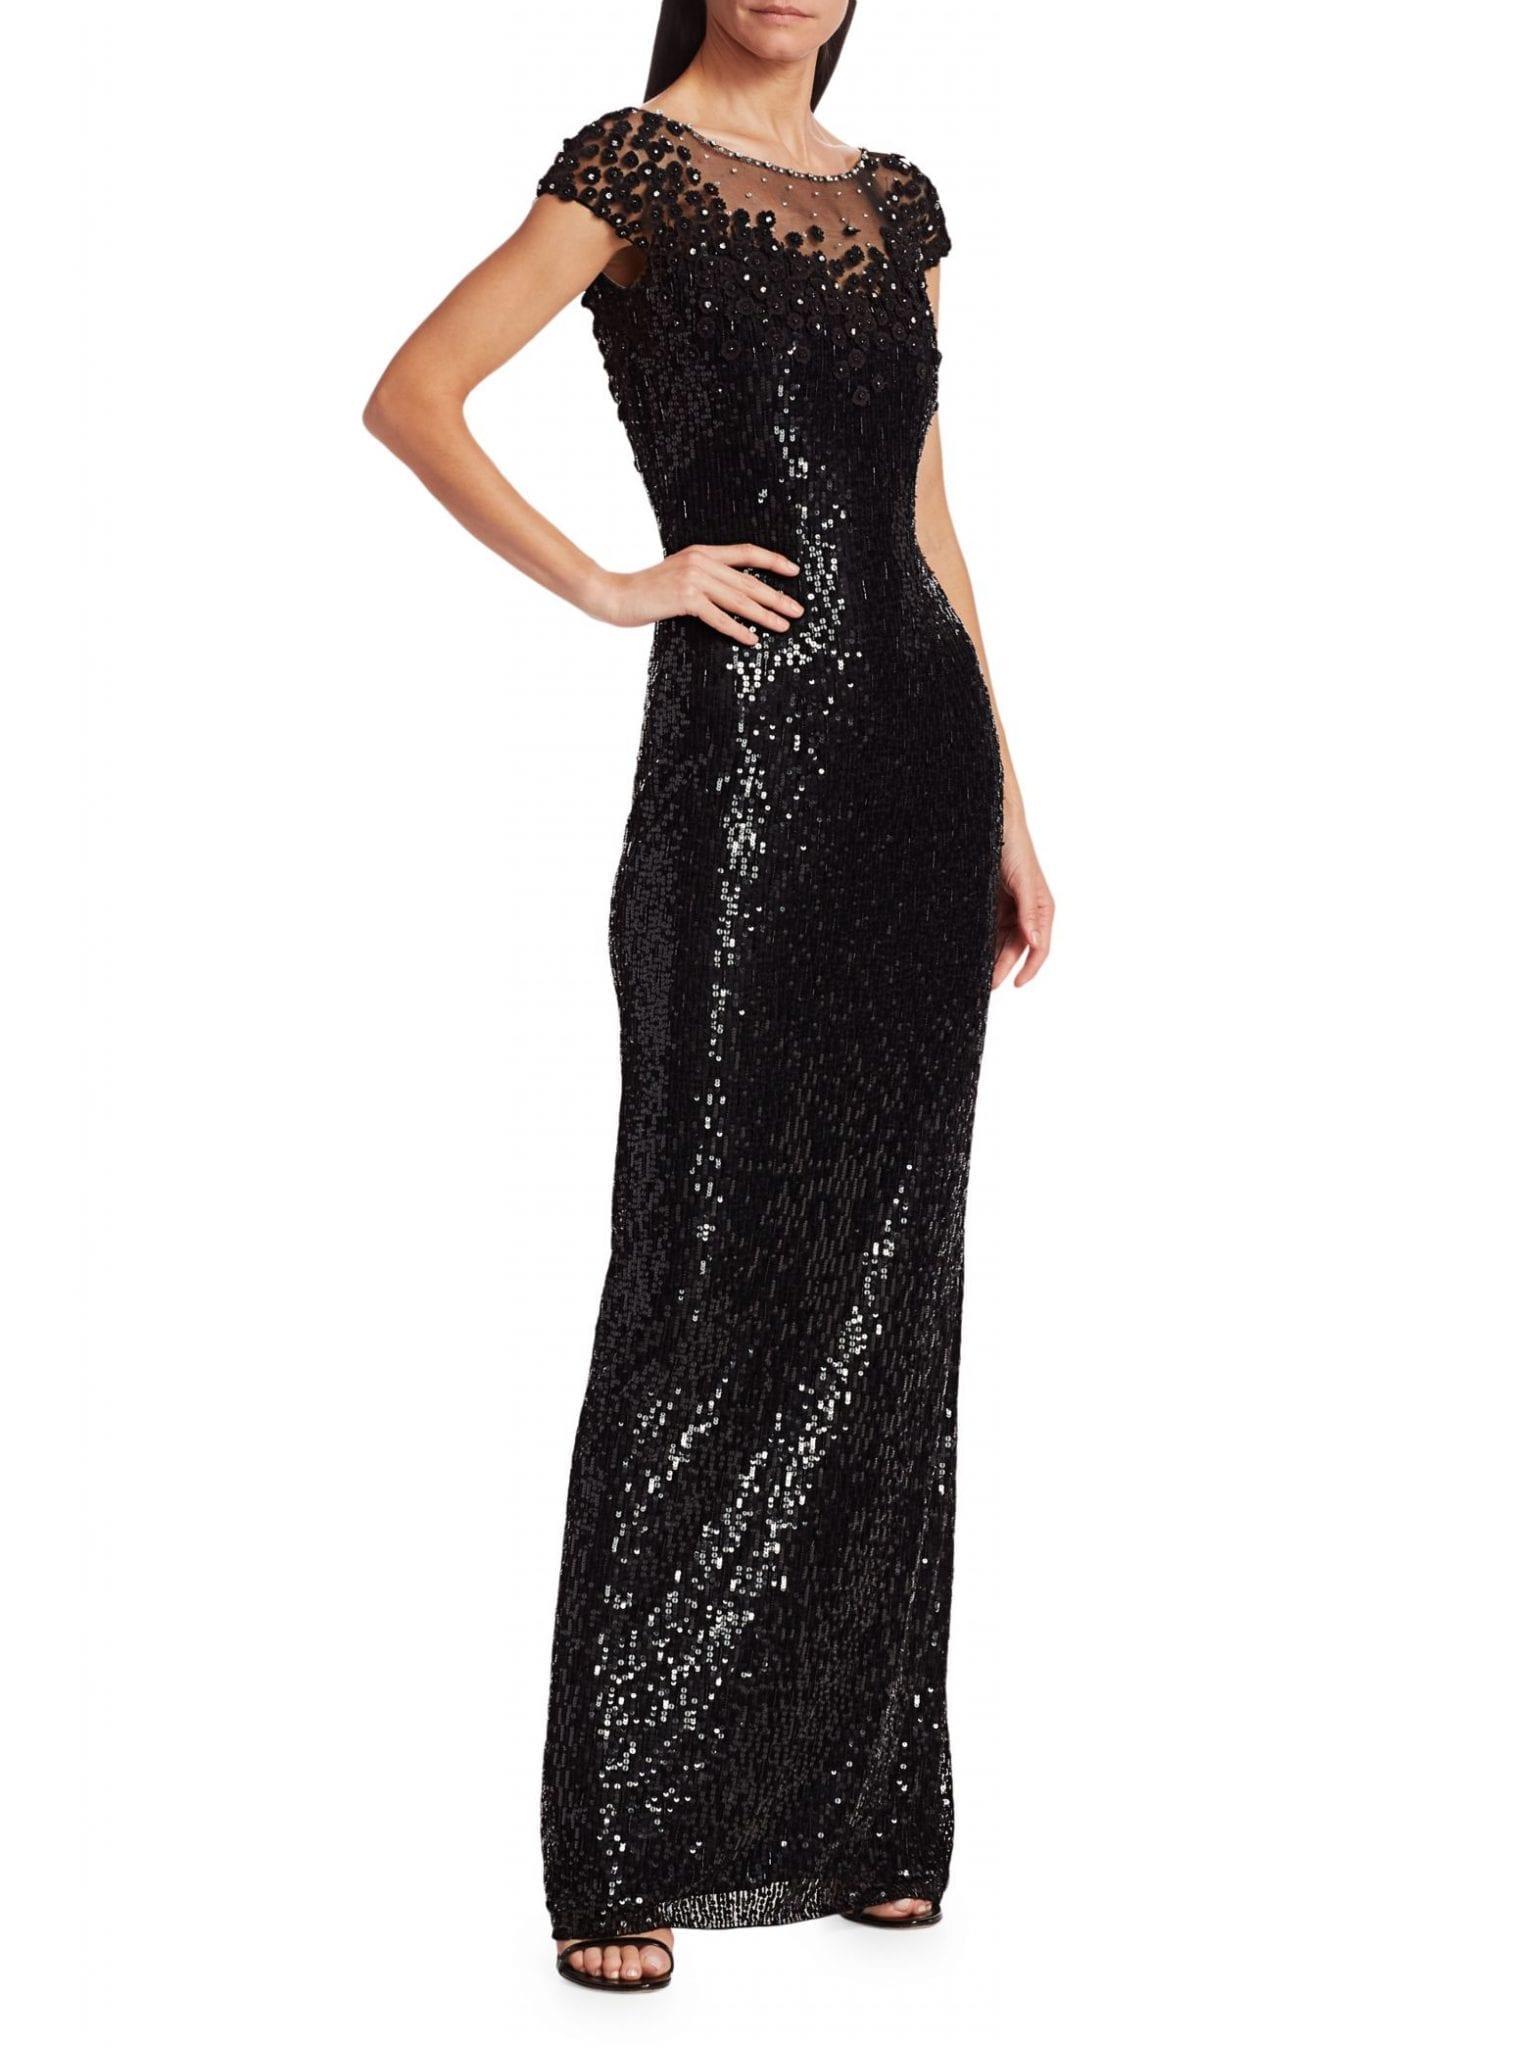 JENNY PACKHAM Suzette Sequin Cap-Sleeve Gown